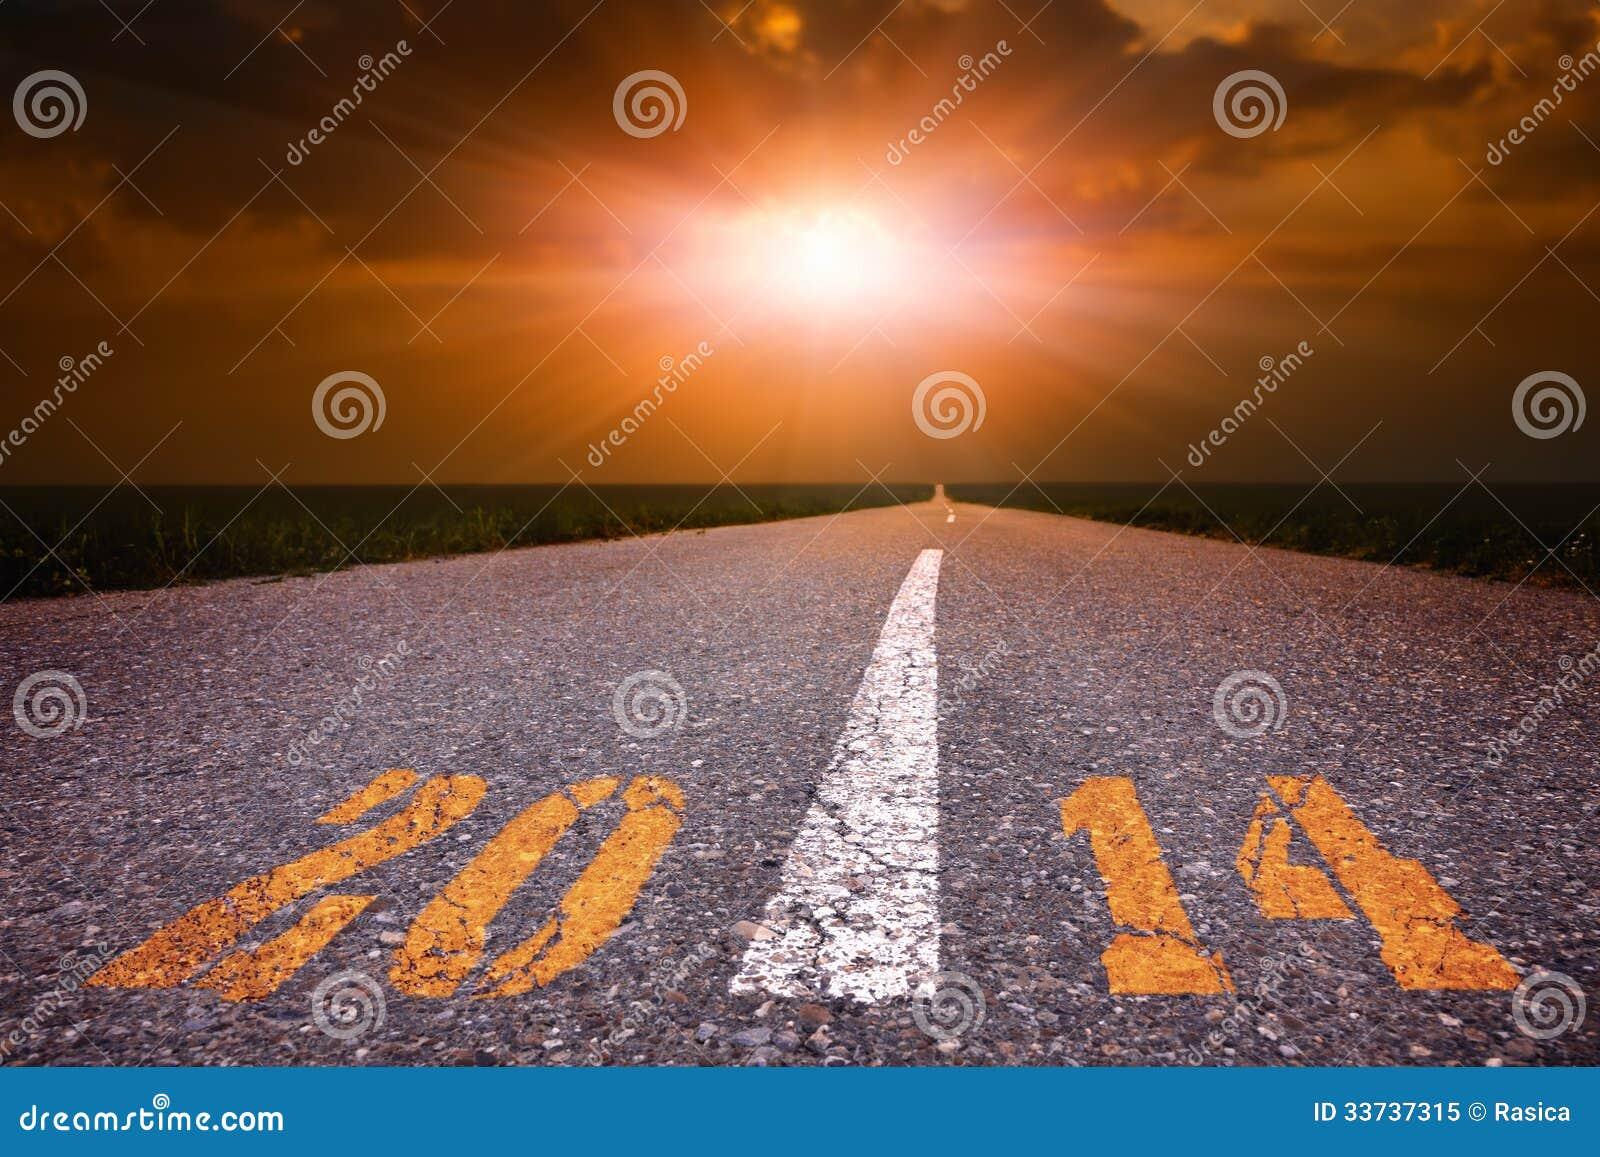 Управлять на пустой дороге к заходящему солнцу 2014